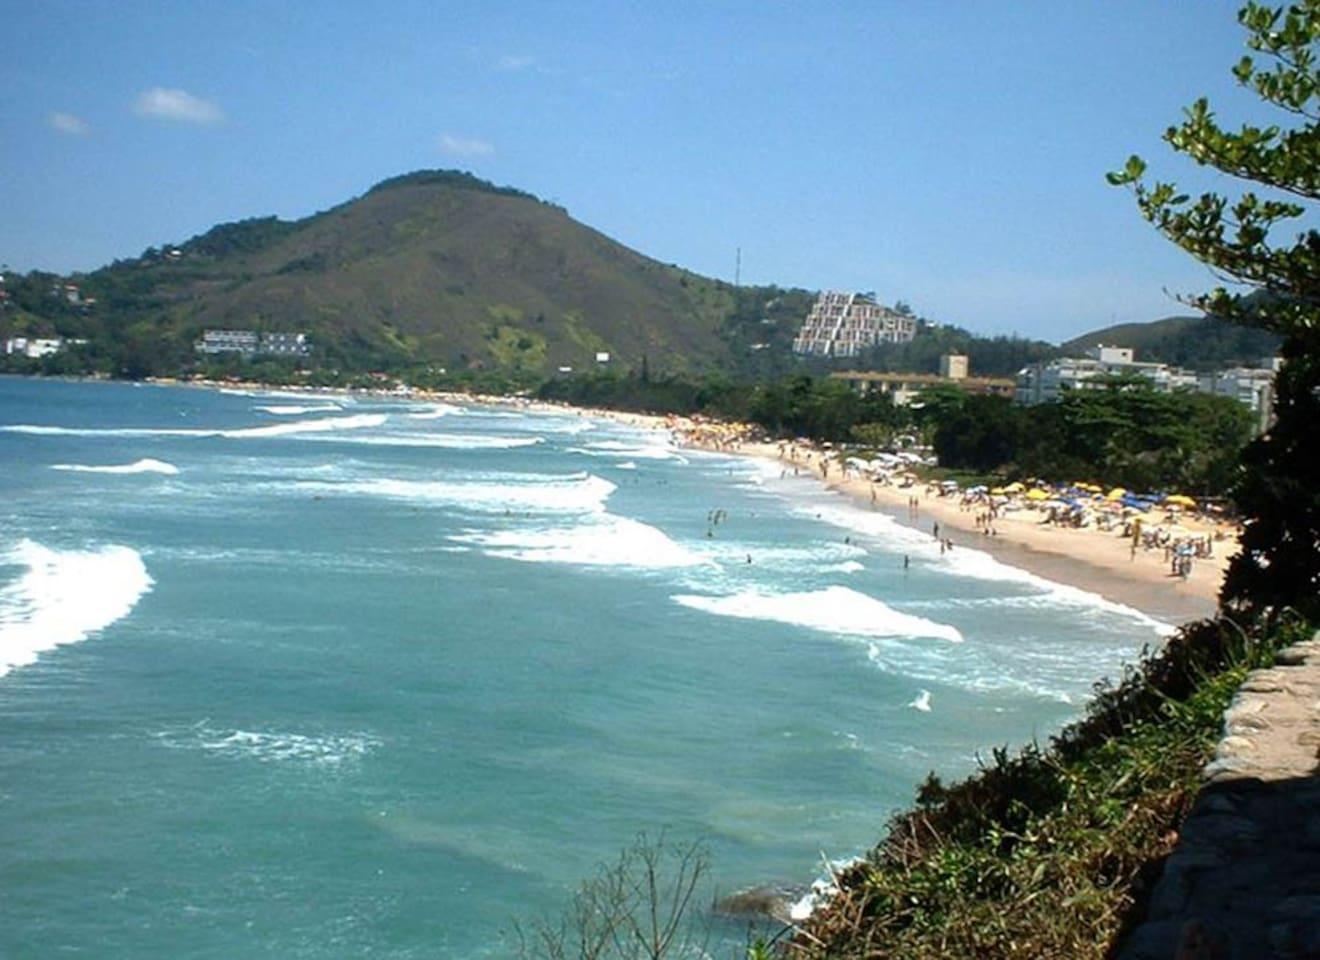 Vista da praia das Toninhas